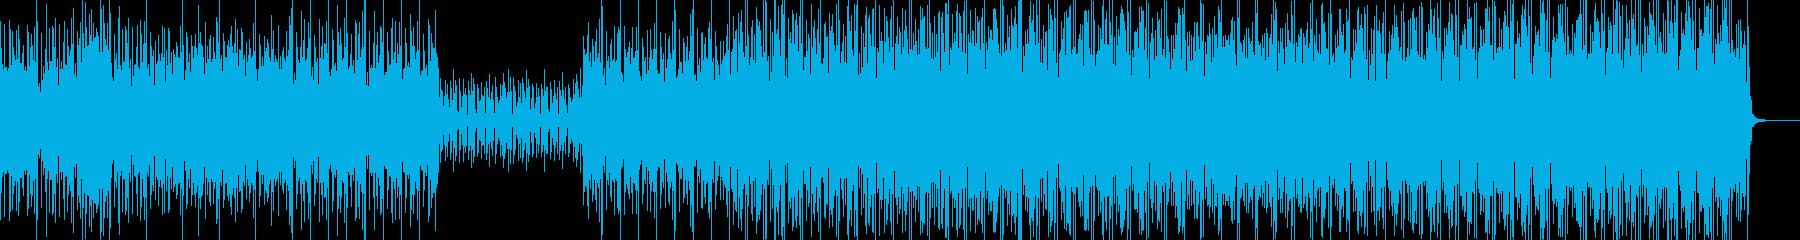 幻想的 平調子 筝 三味線 テクノの再生済みの波形